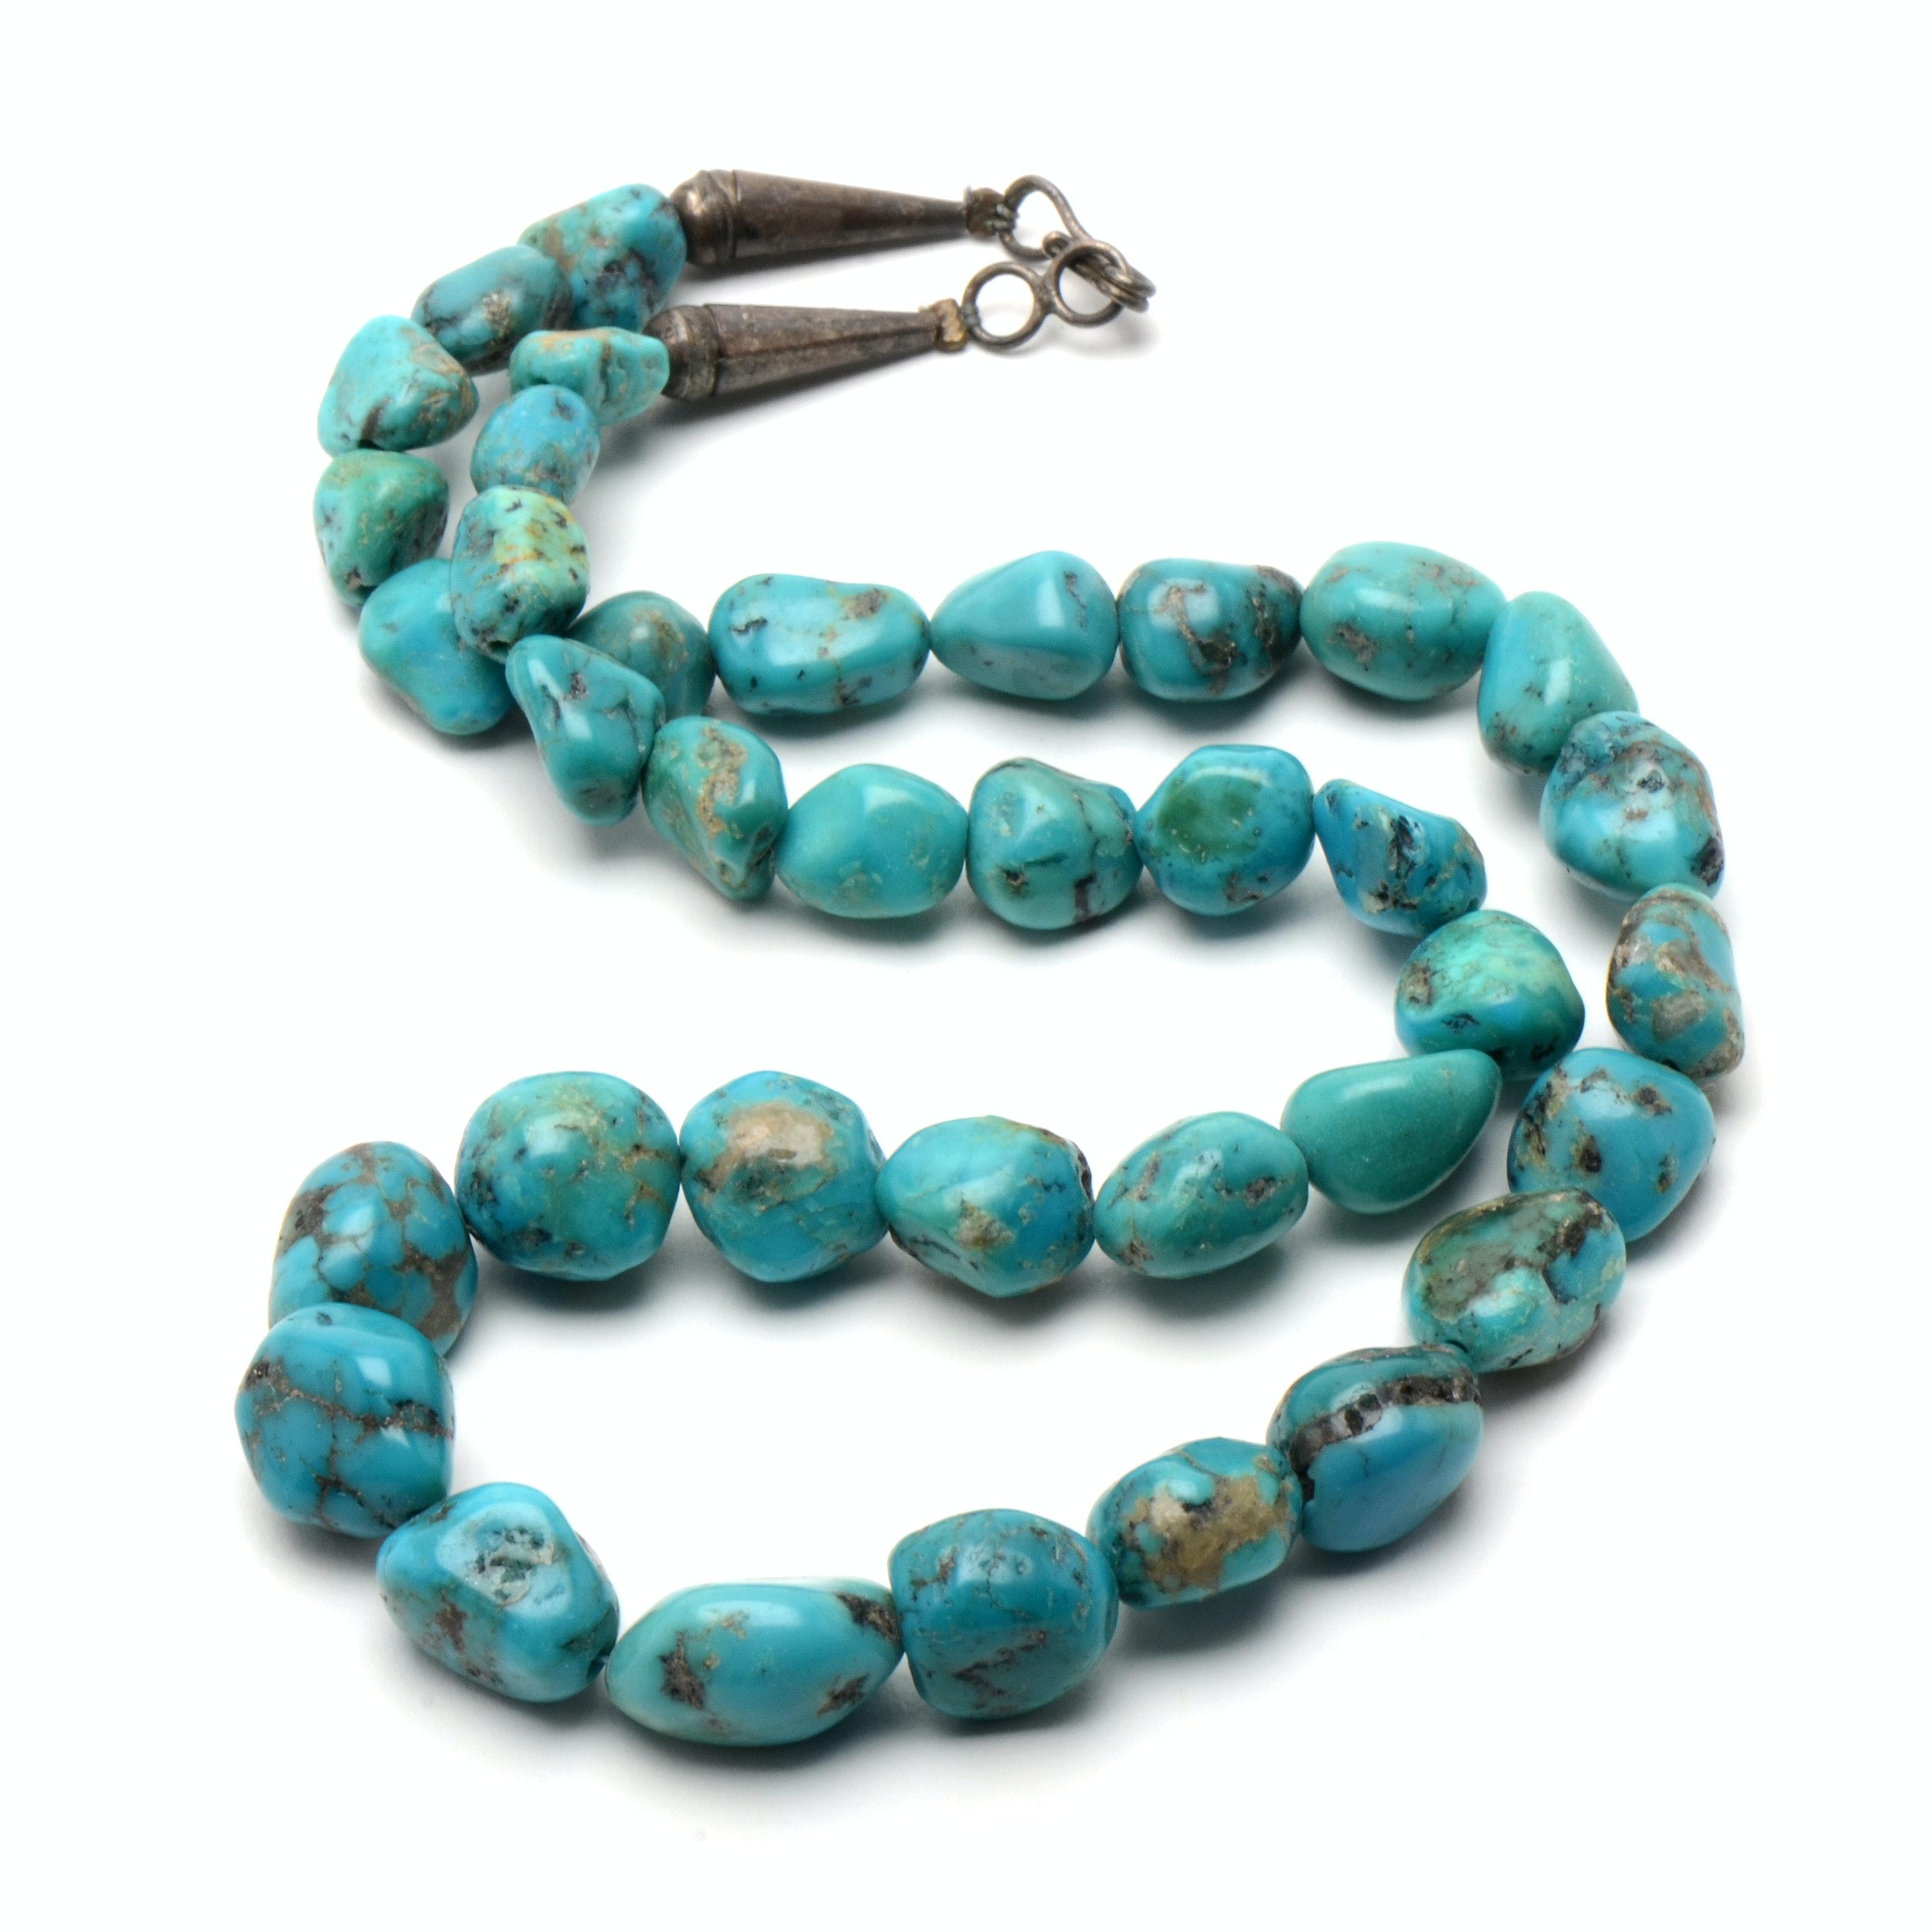 Vintage Southwestern Style Turquoise Stone Necklace